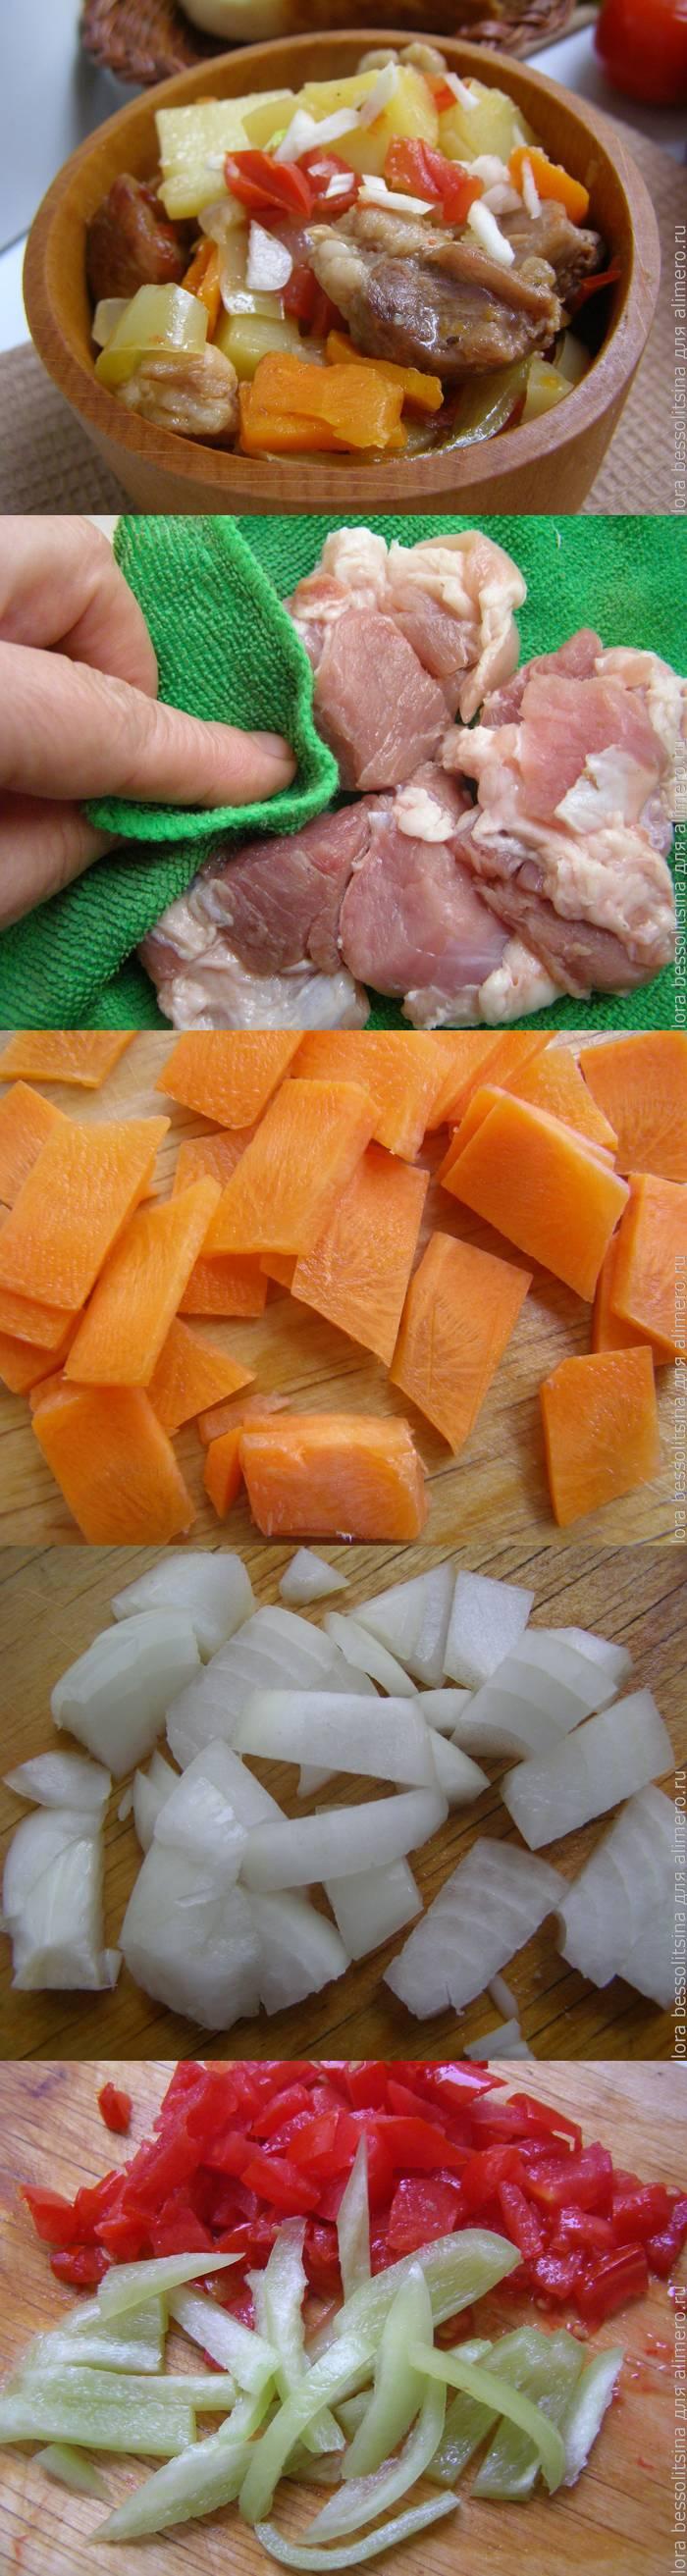 Тушеная картошка с мясом — простой рецепт